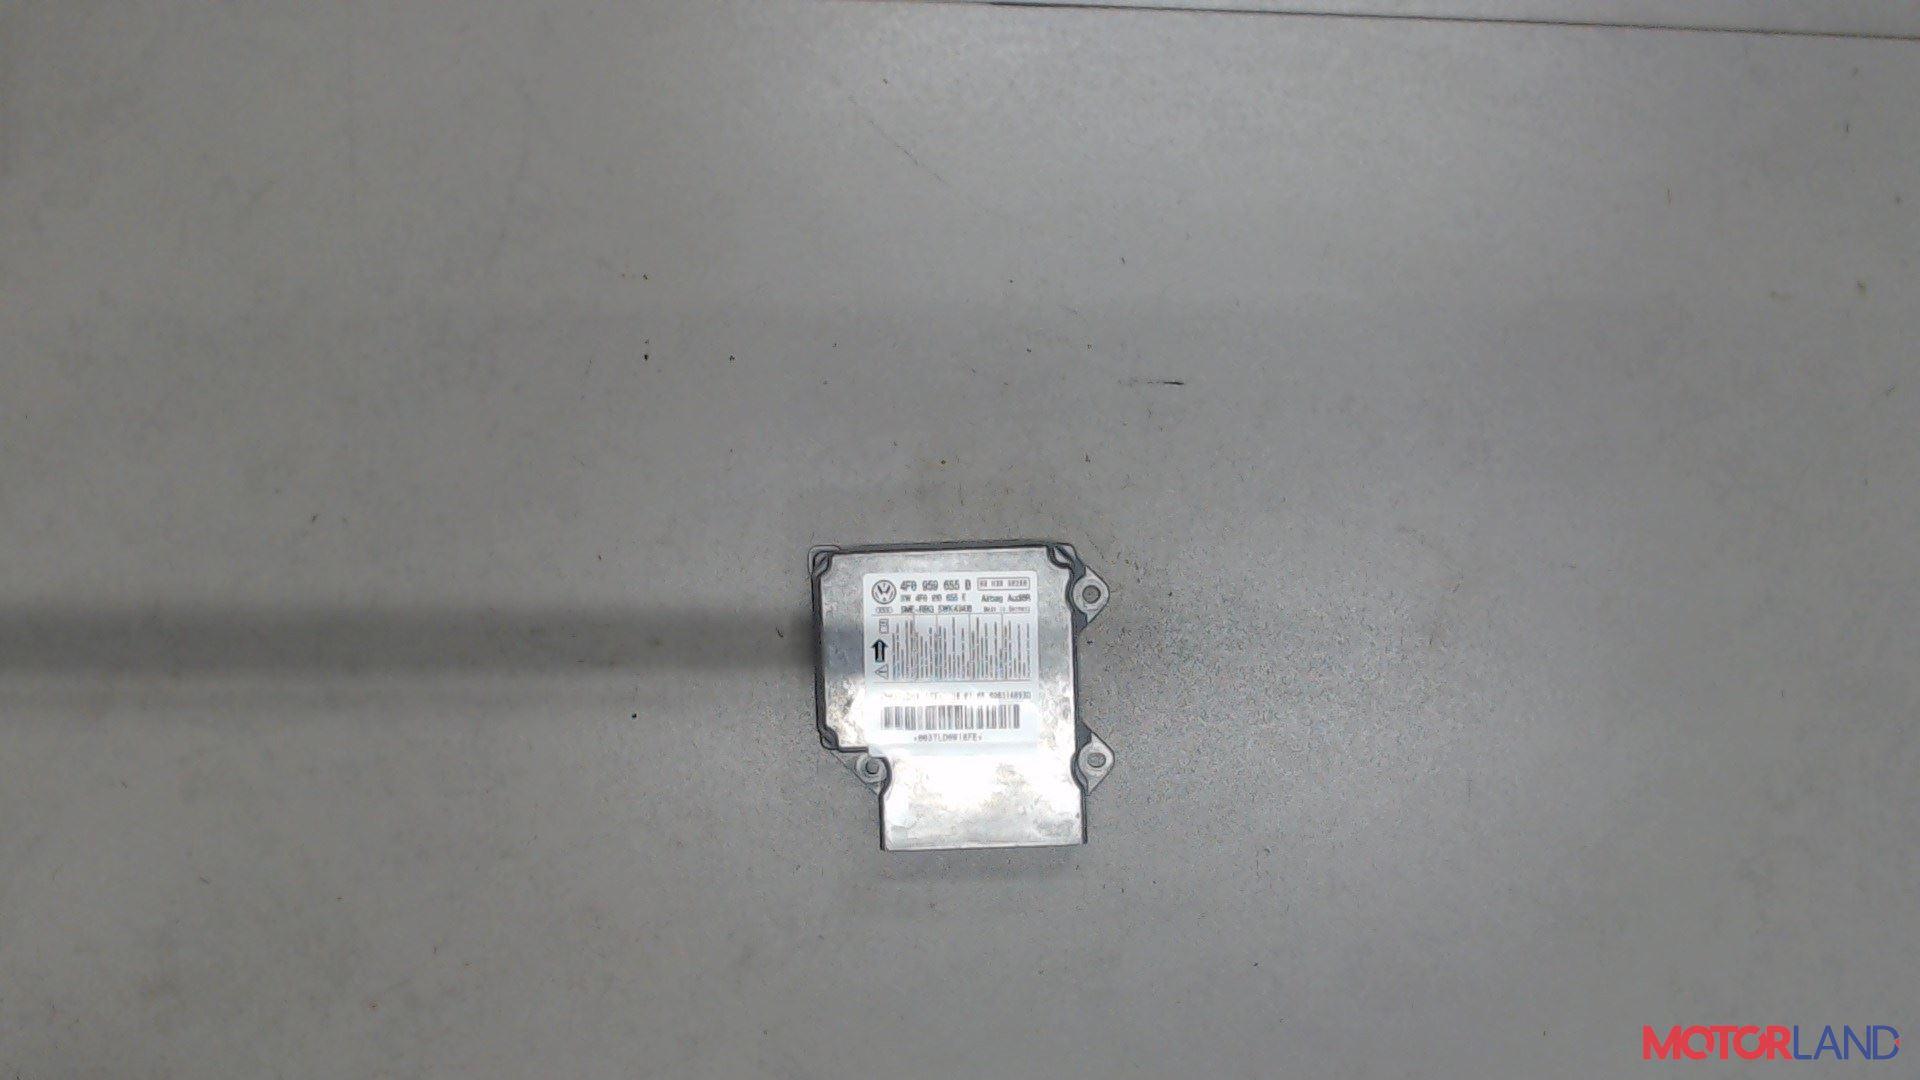 Блок управления (ЭБУ) Audi A6 (C6) 2005-2011 2 л. 2008 BLB б/у #1